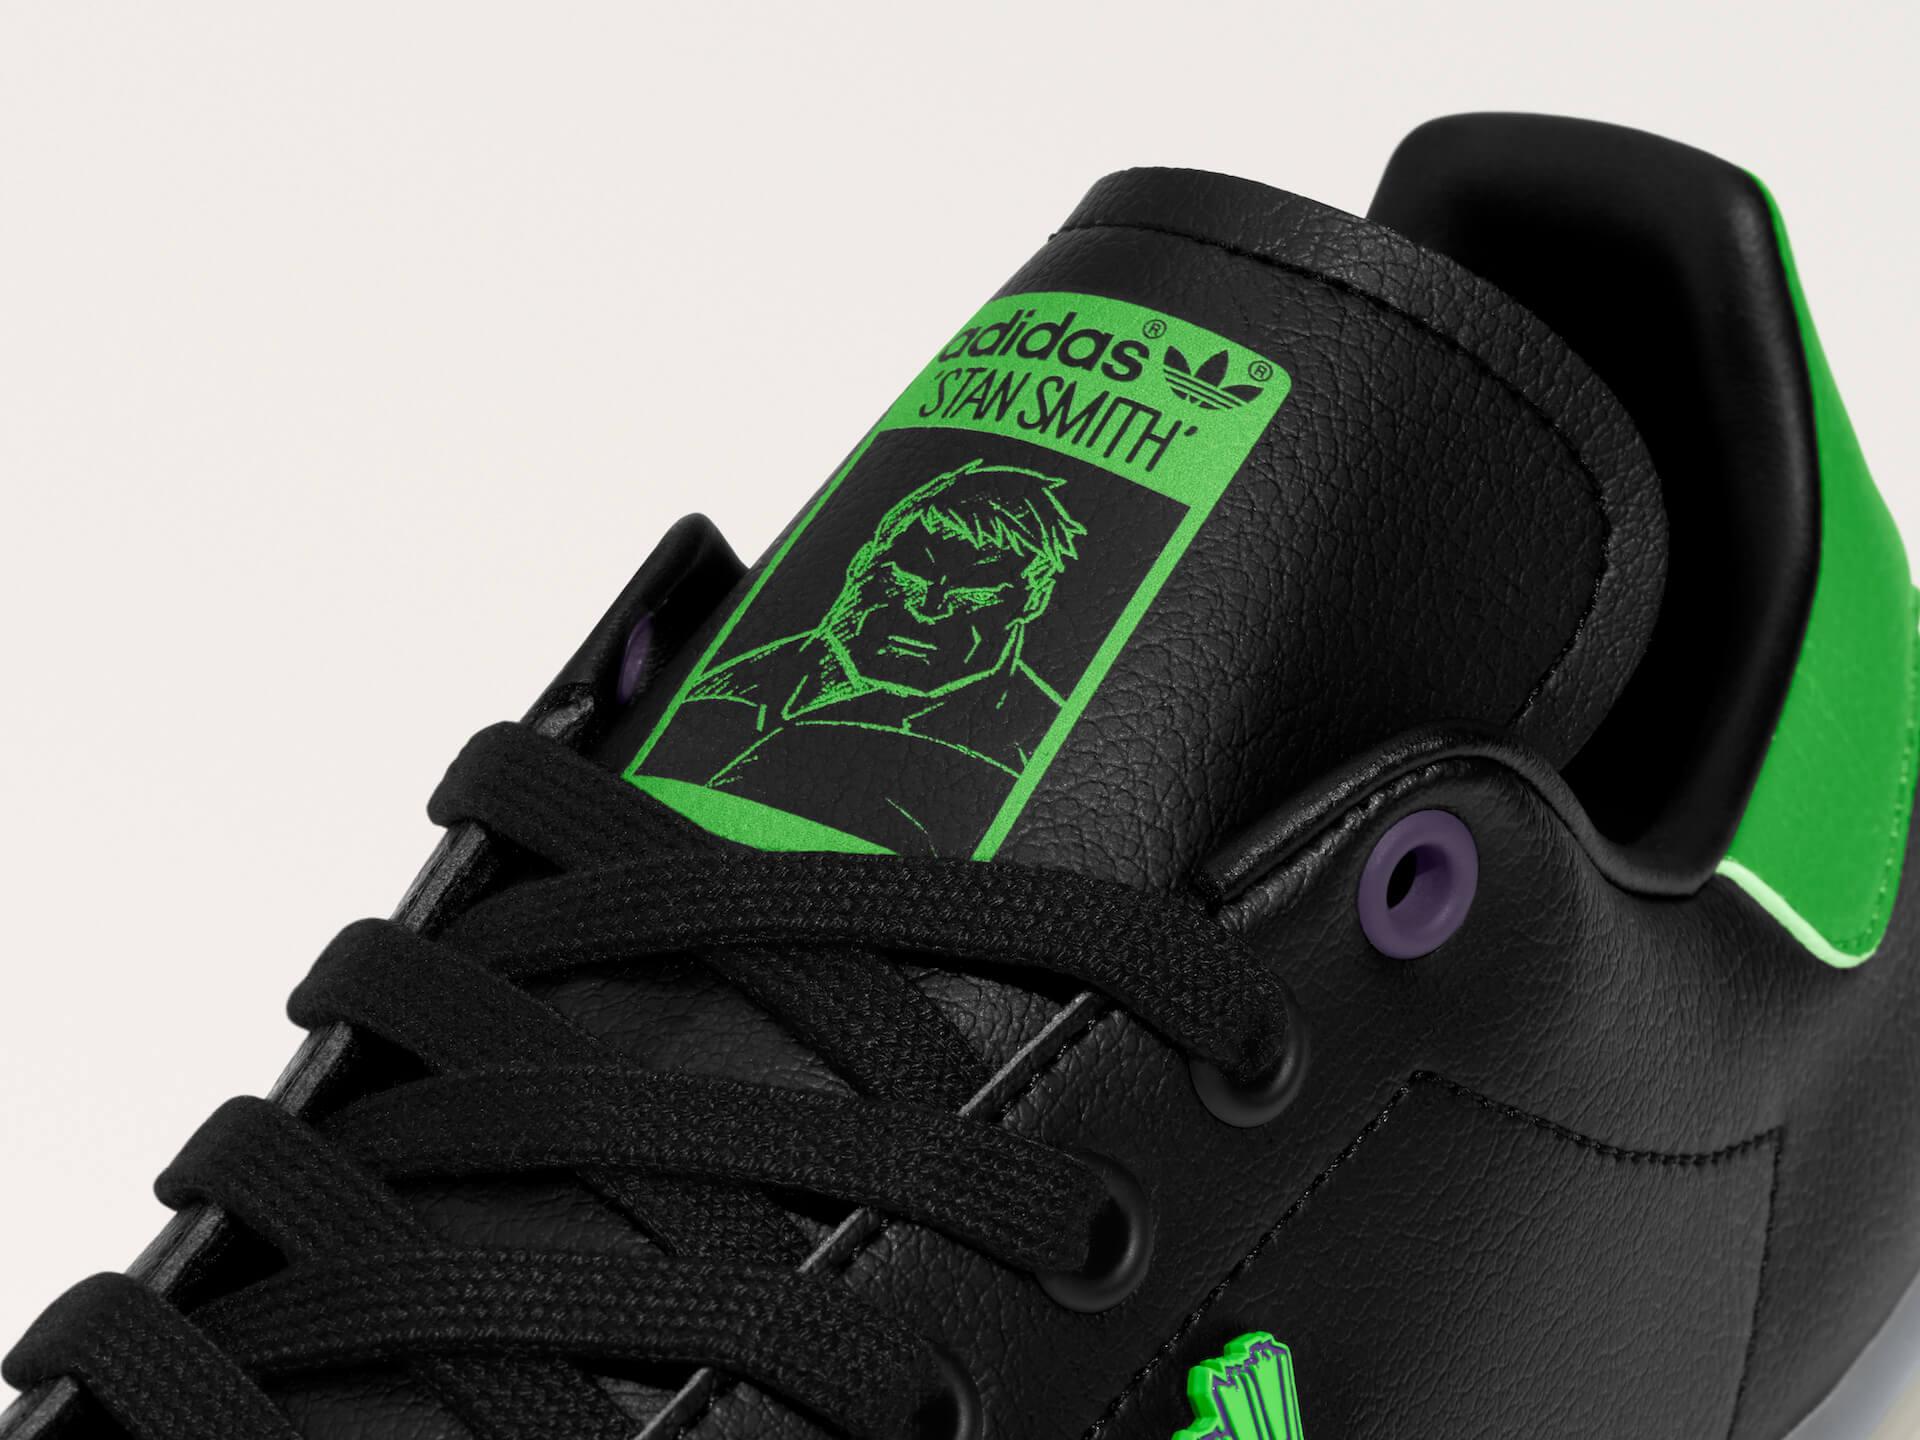 adidas「スタンスミス」のサステナブルコレクションに『モンスターズ・インク』マイク・ワゾウスキやマーベル・ハルクを配したモデルが登場! life210323_adidas_stansmith_16